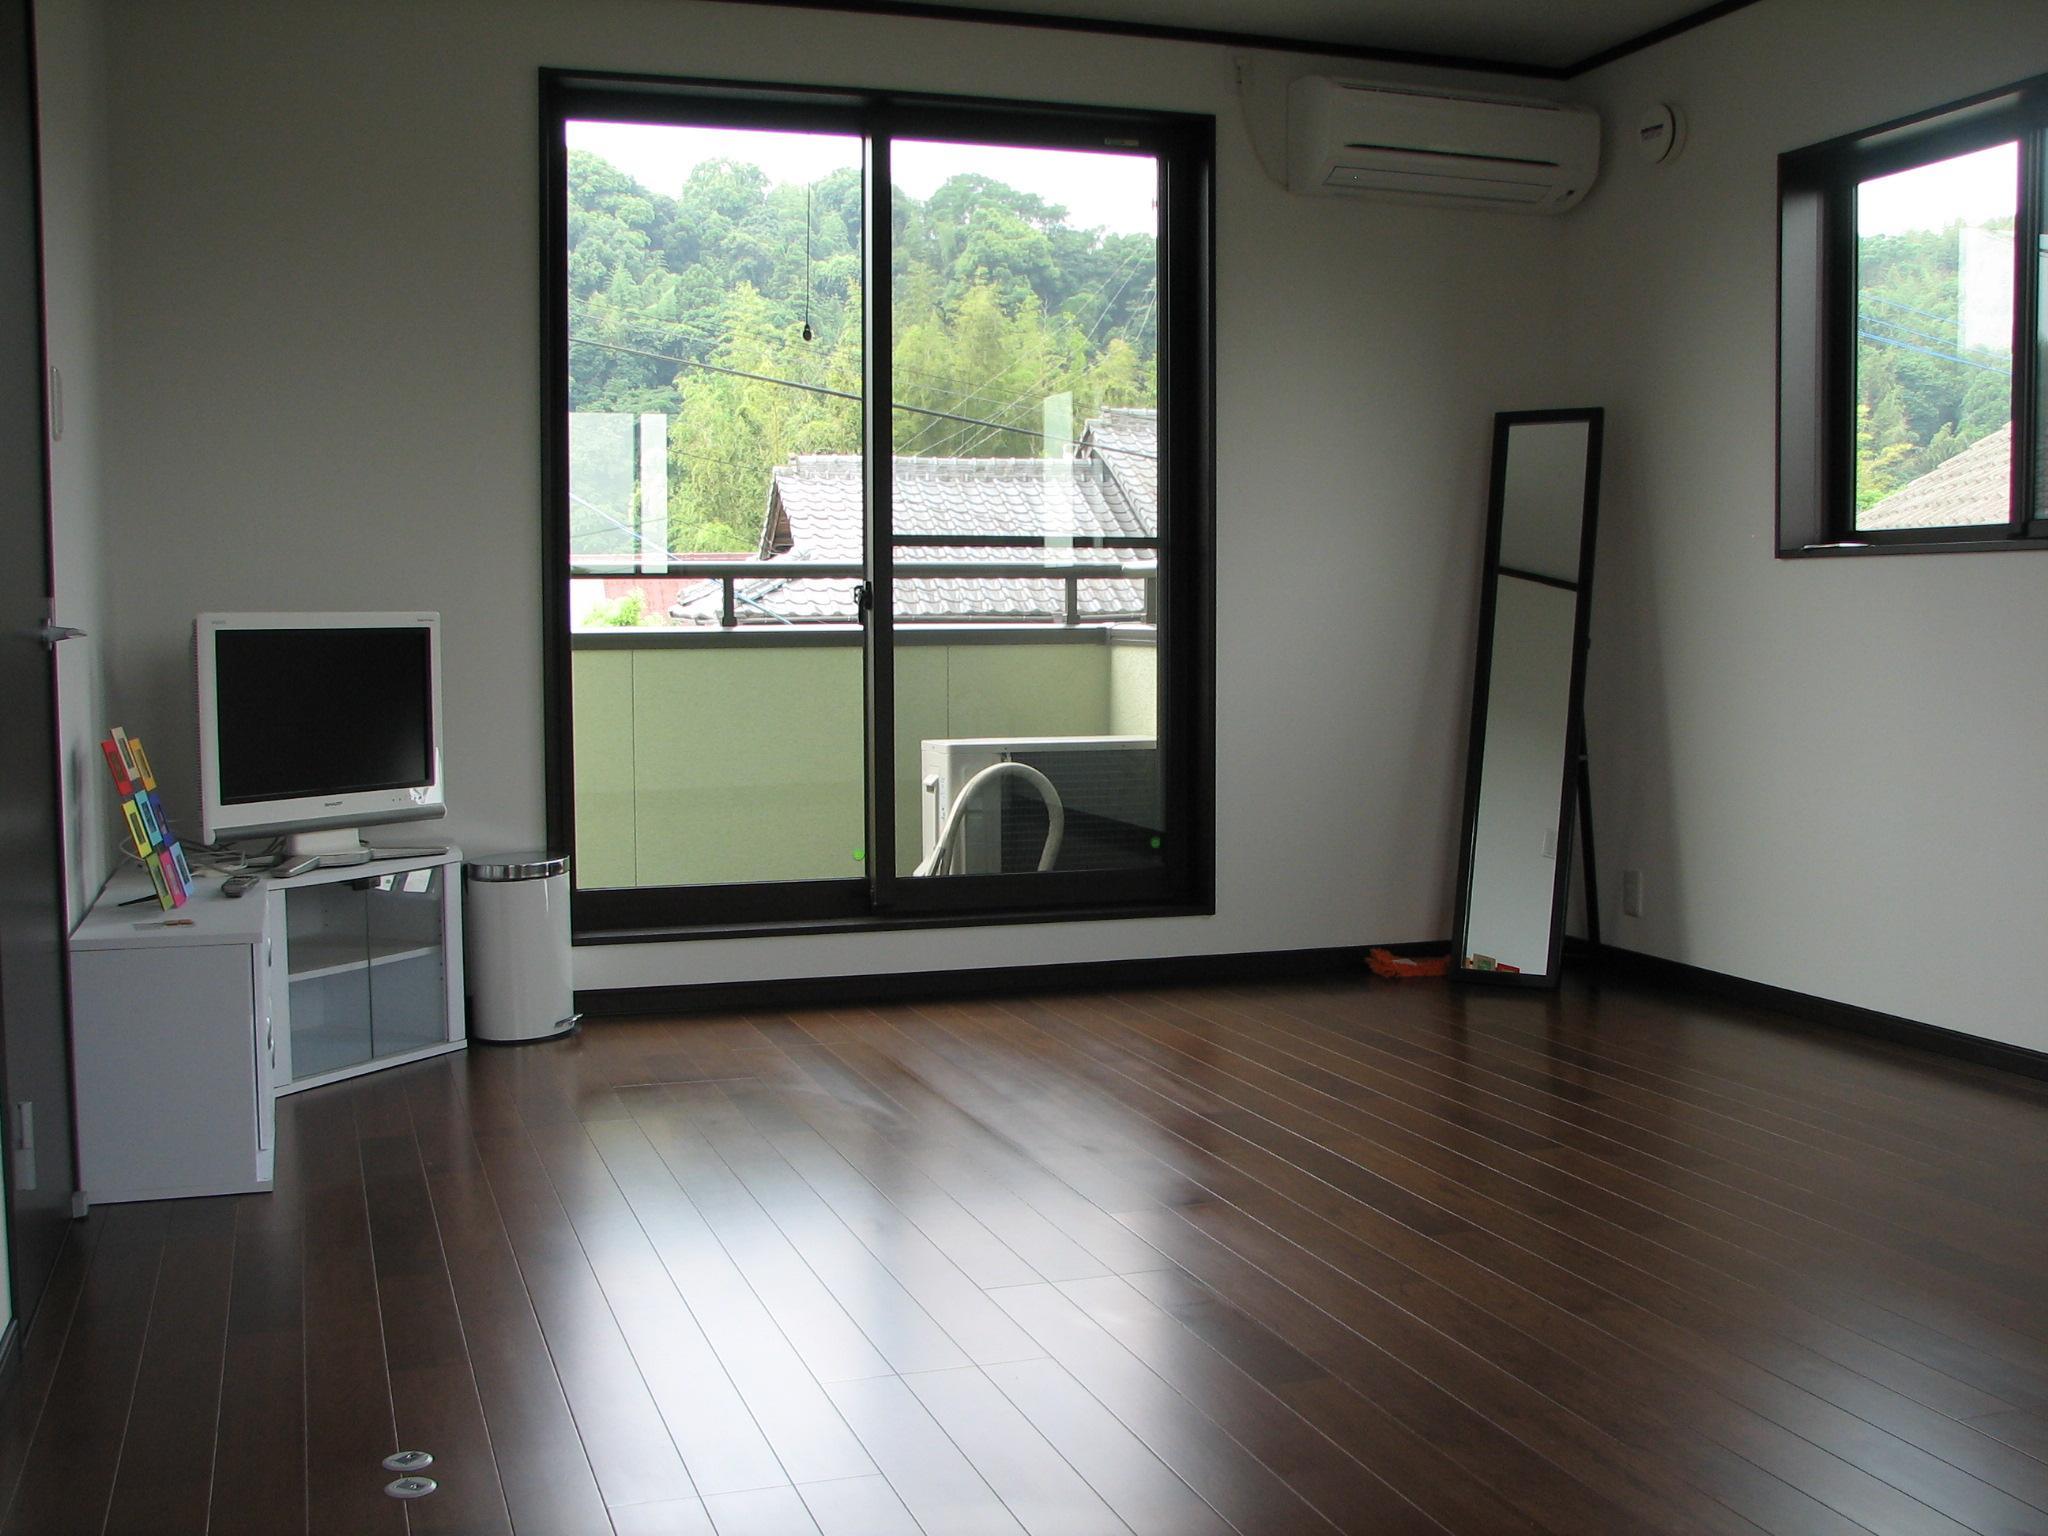 2F子供室 床も建具もシックな配色です。